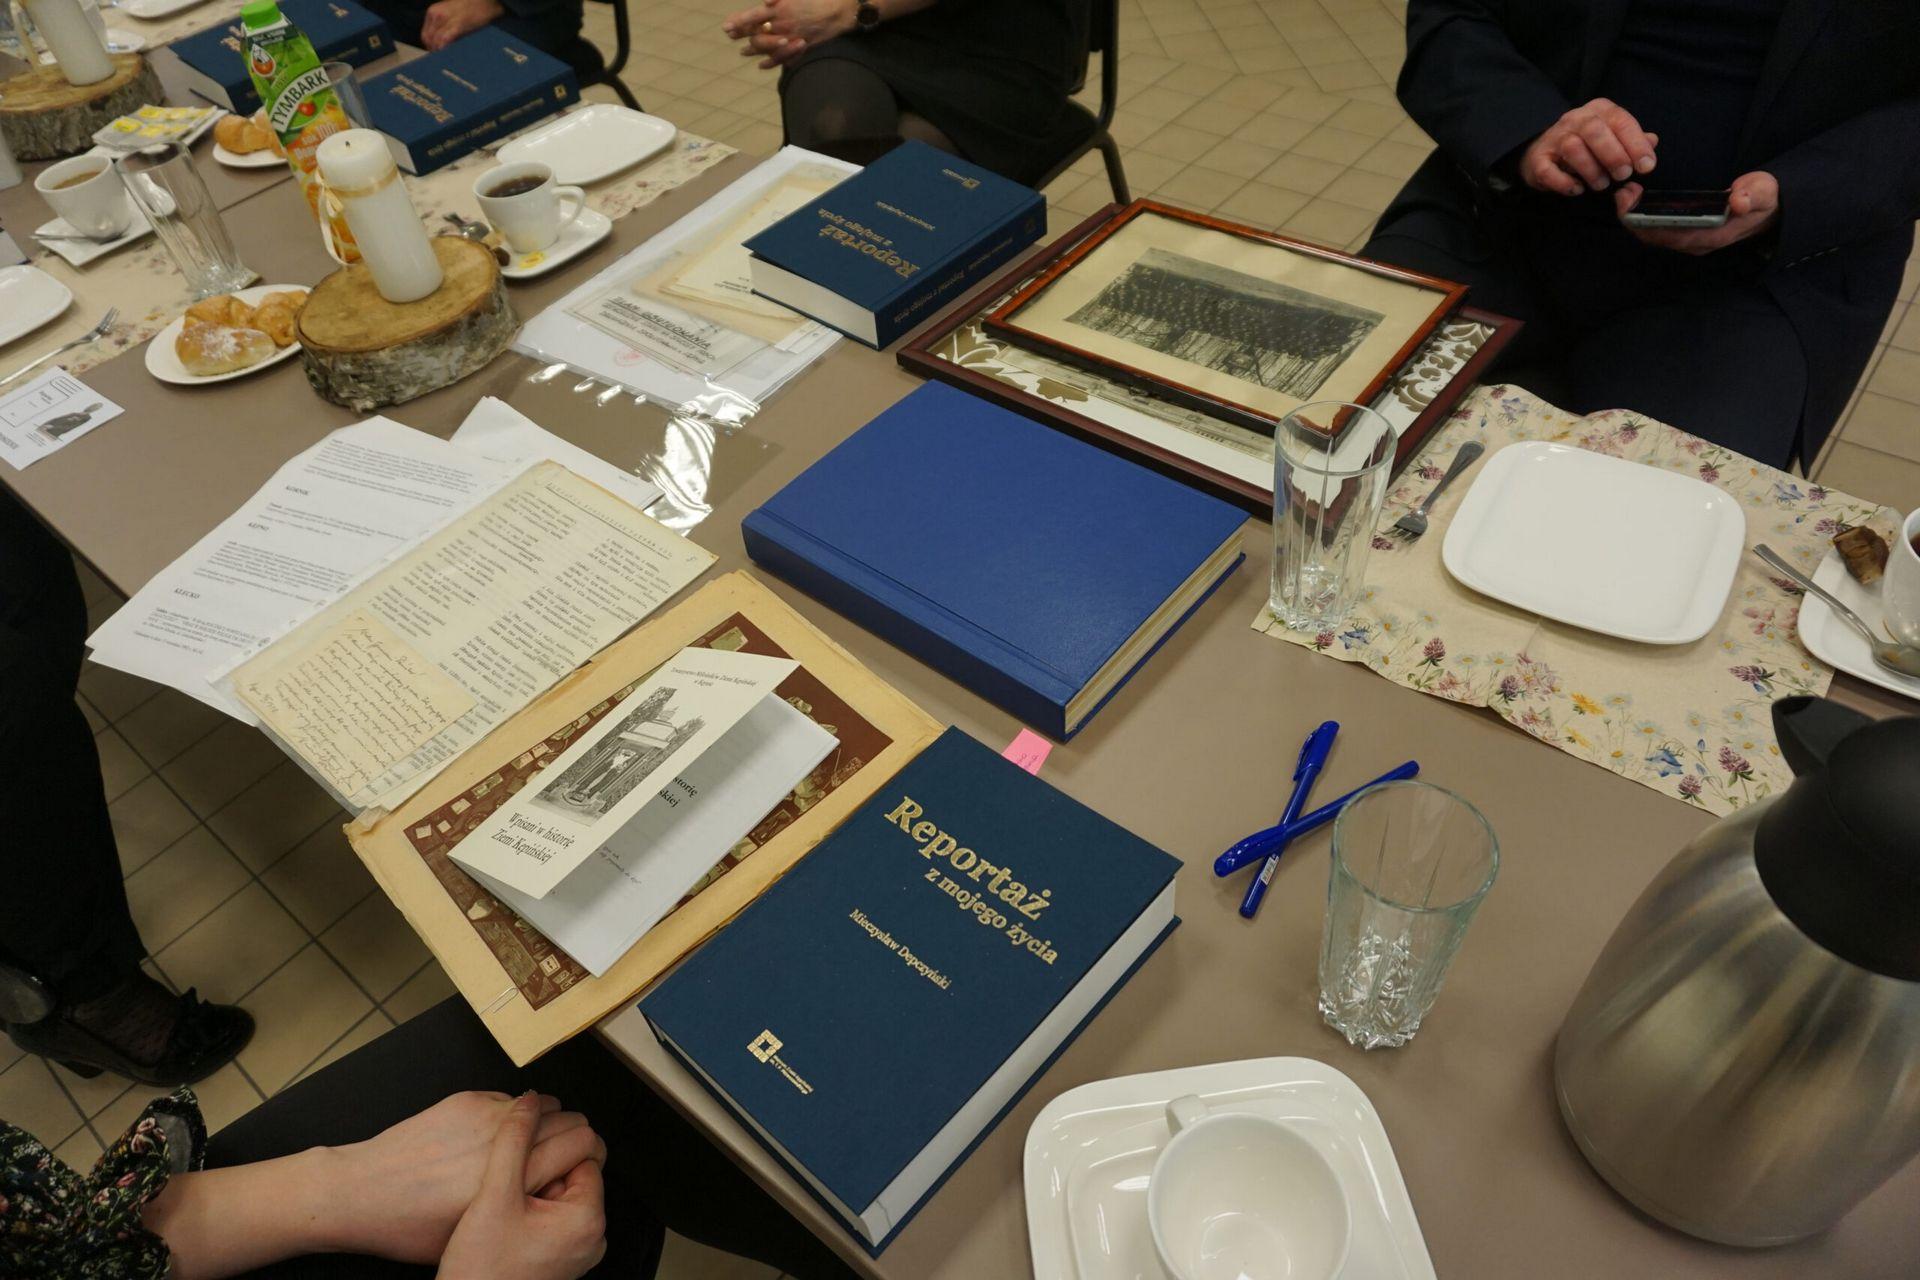 Zdjęcie stołu na którym znajdują się ksiązki i pamiątki związane z Mieczysławem Depczyńskim